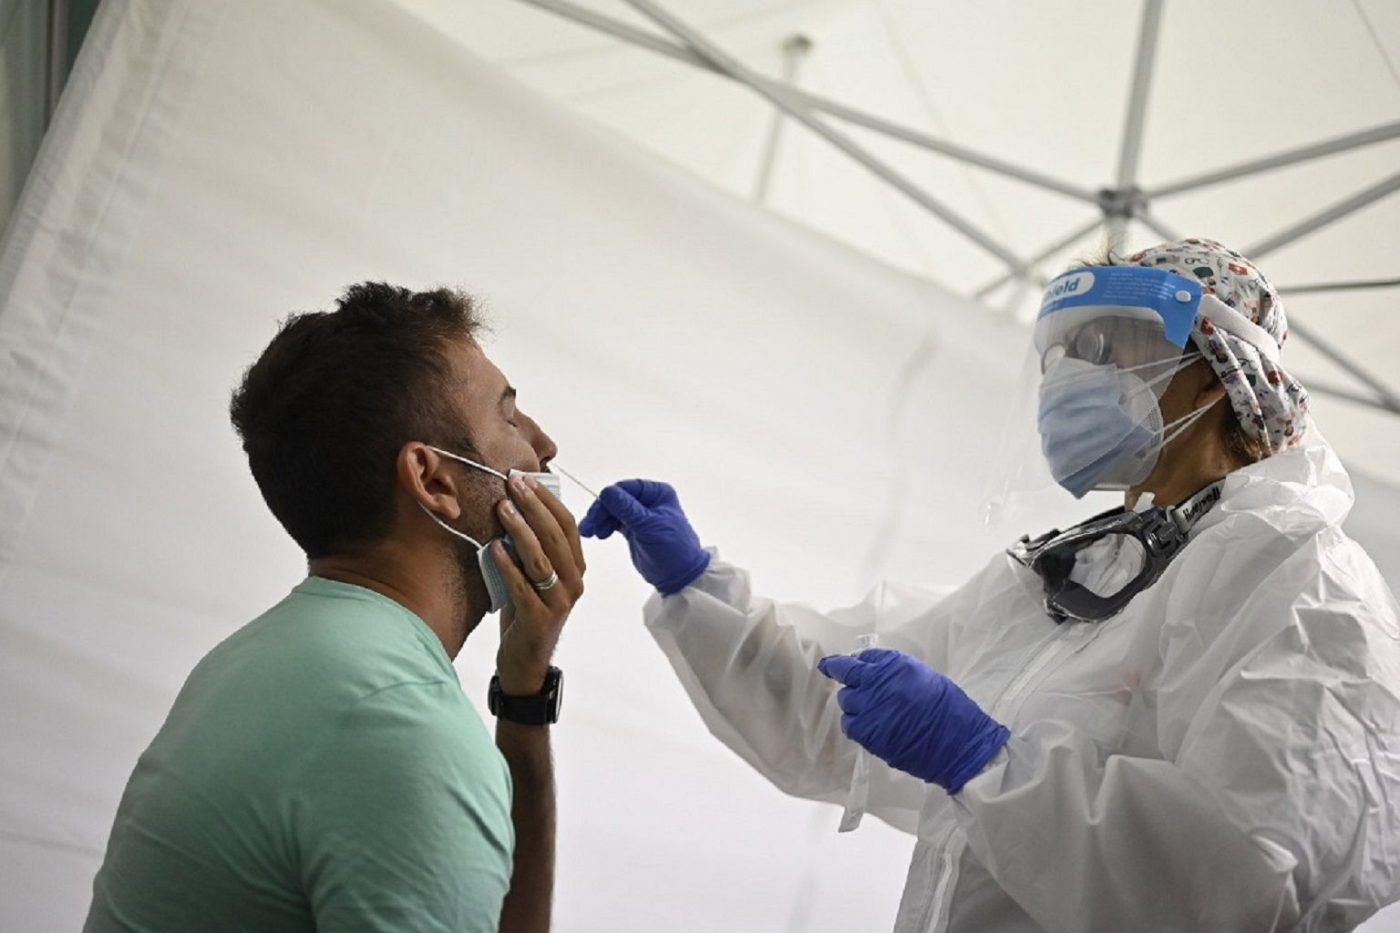 Covid-19: obbligo del passaporto sanitario per chi si reca in Sardegna